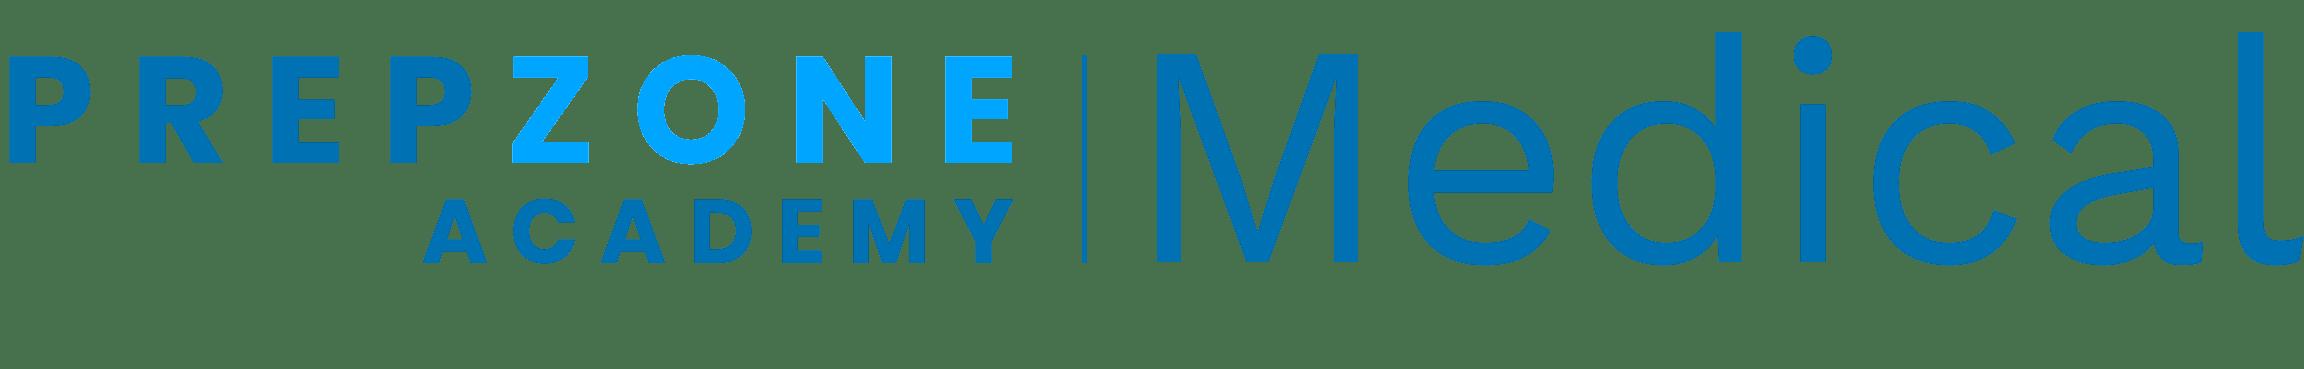 Prep Zone Academy | Medical Schools